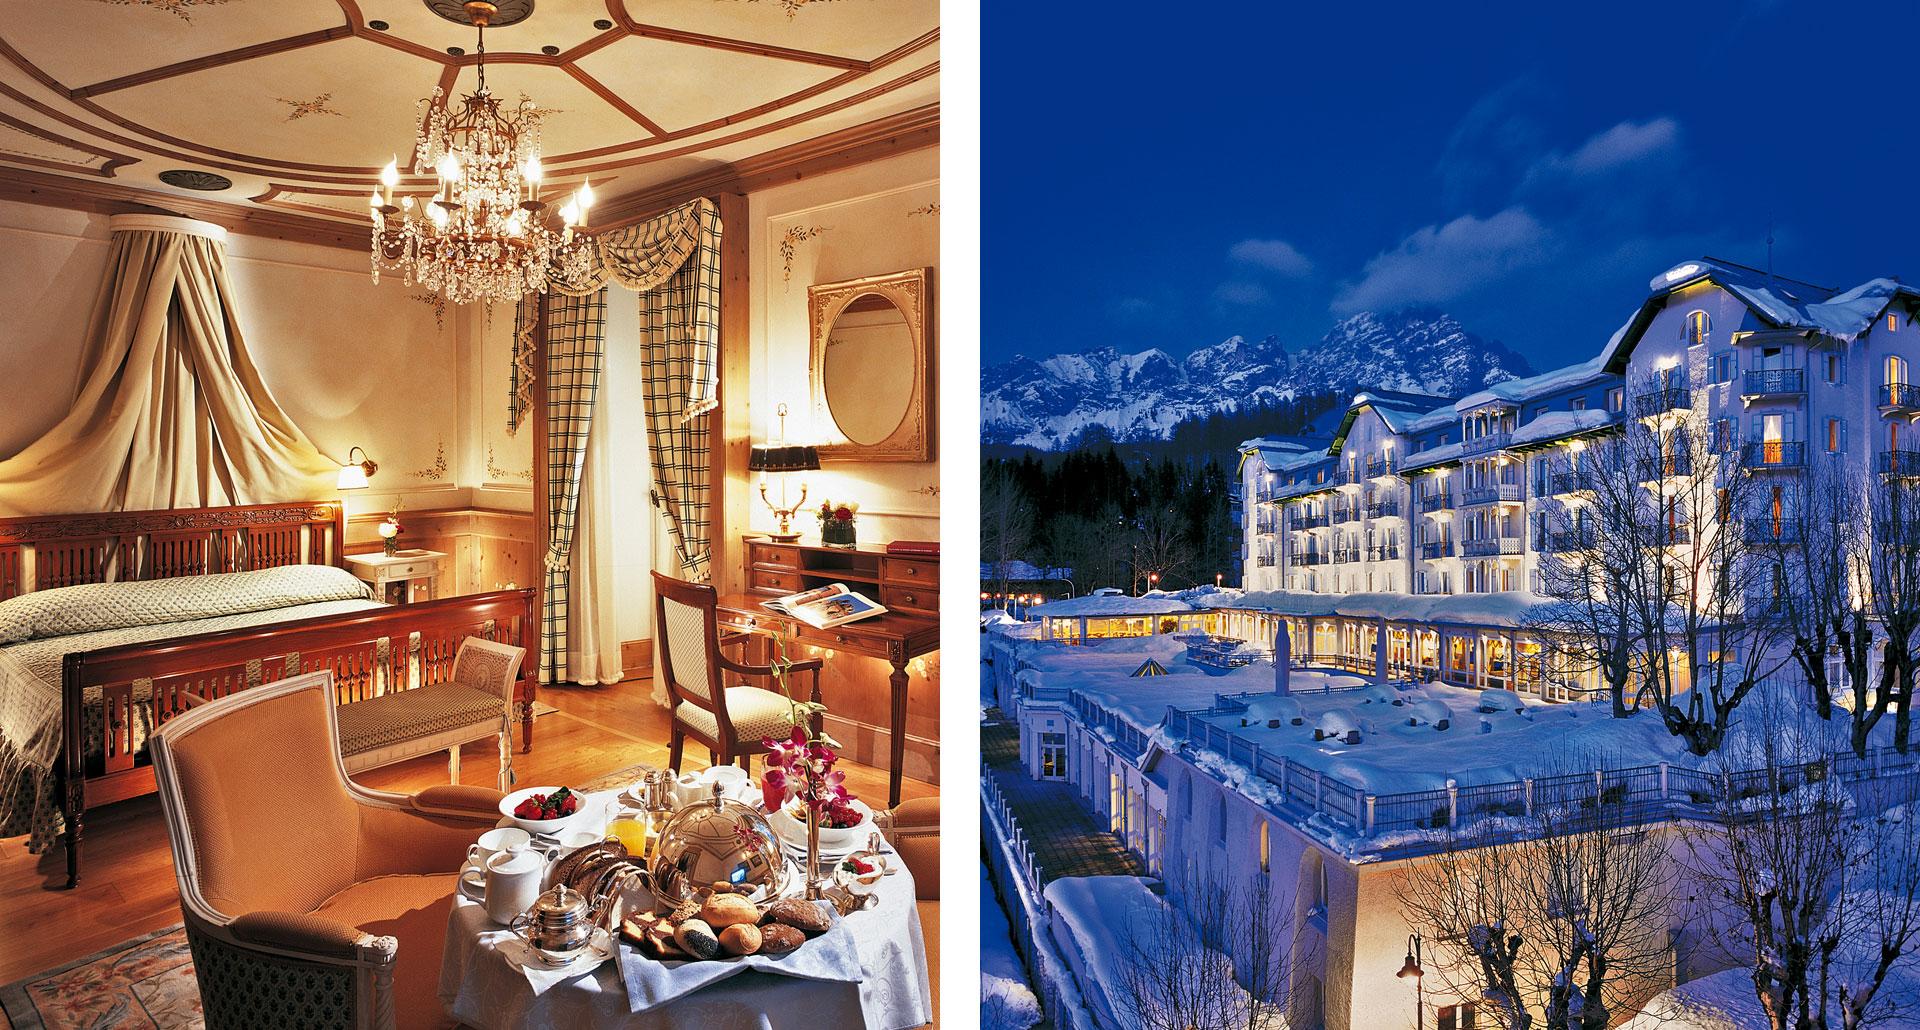 Cristallo Hotel Spa & Golf - boutique hotel in Cortina d'Ampezzo